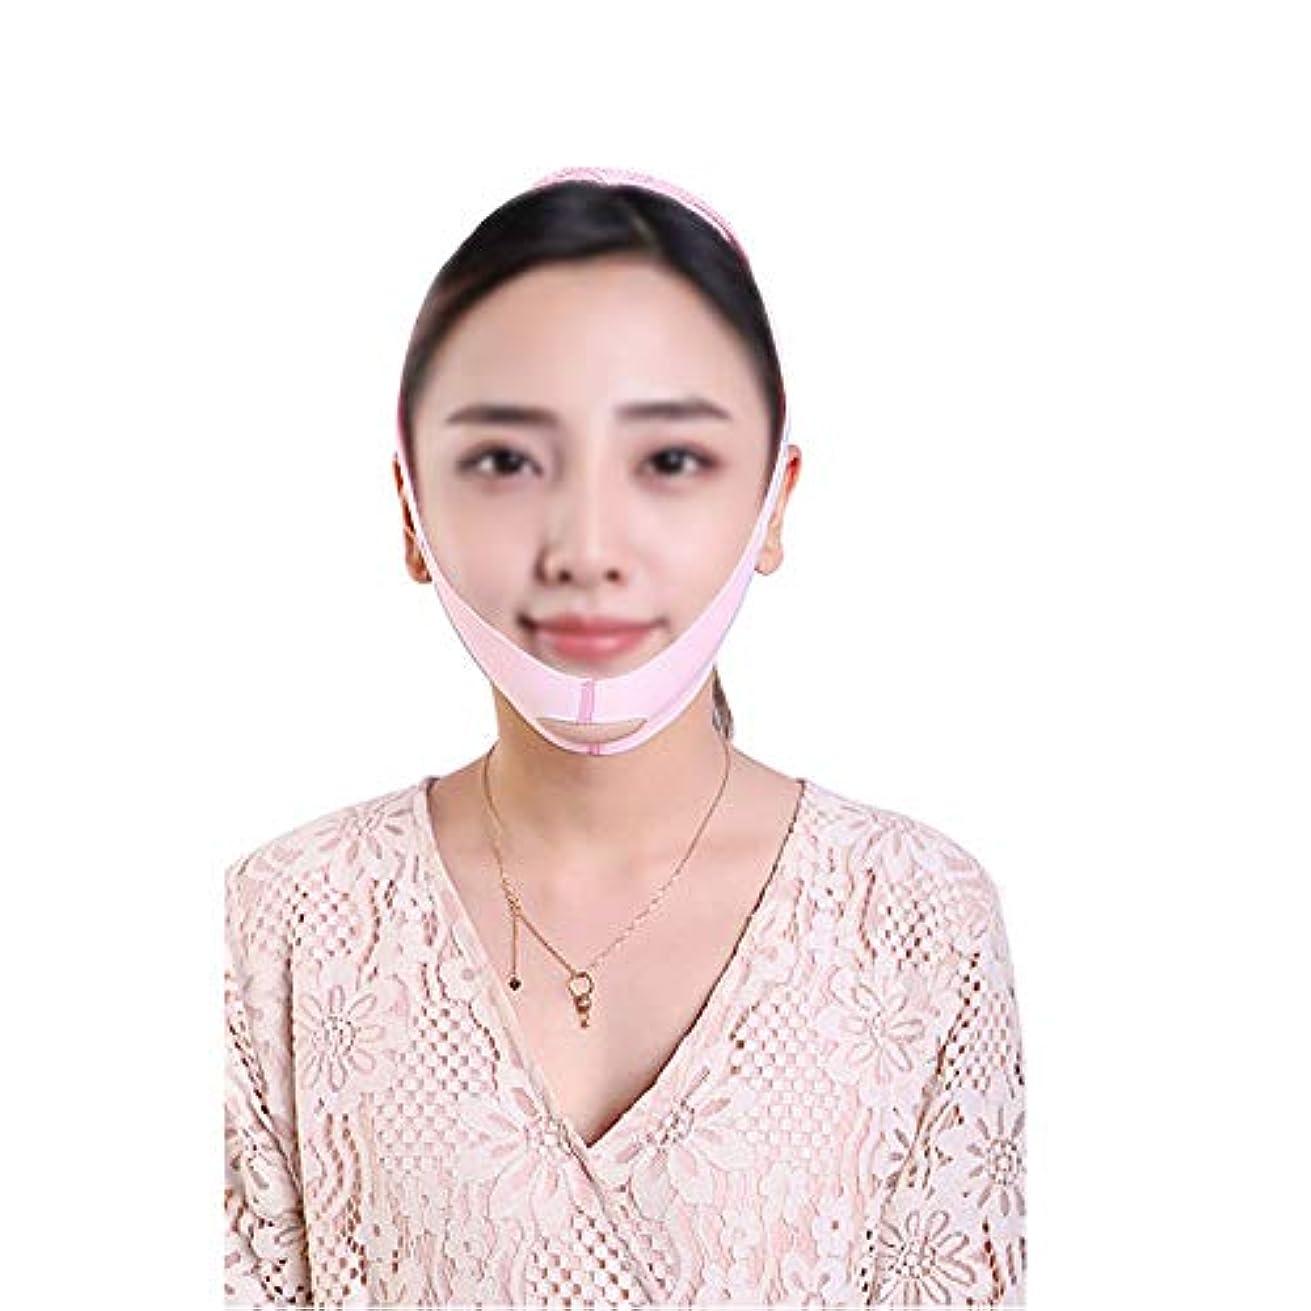 単なるホーン加入TLMY 薄いフェイスマスク引き締めアンチフロントドルーピングアーティファクト小さなVフェイス包帯マスク 顔用整形マスク